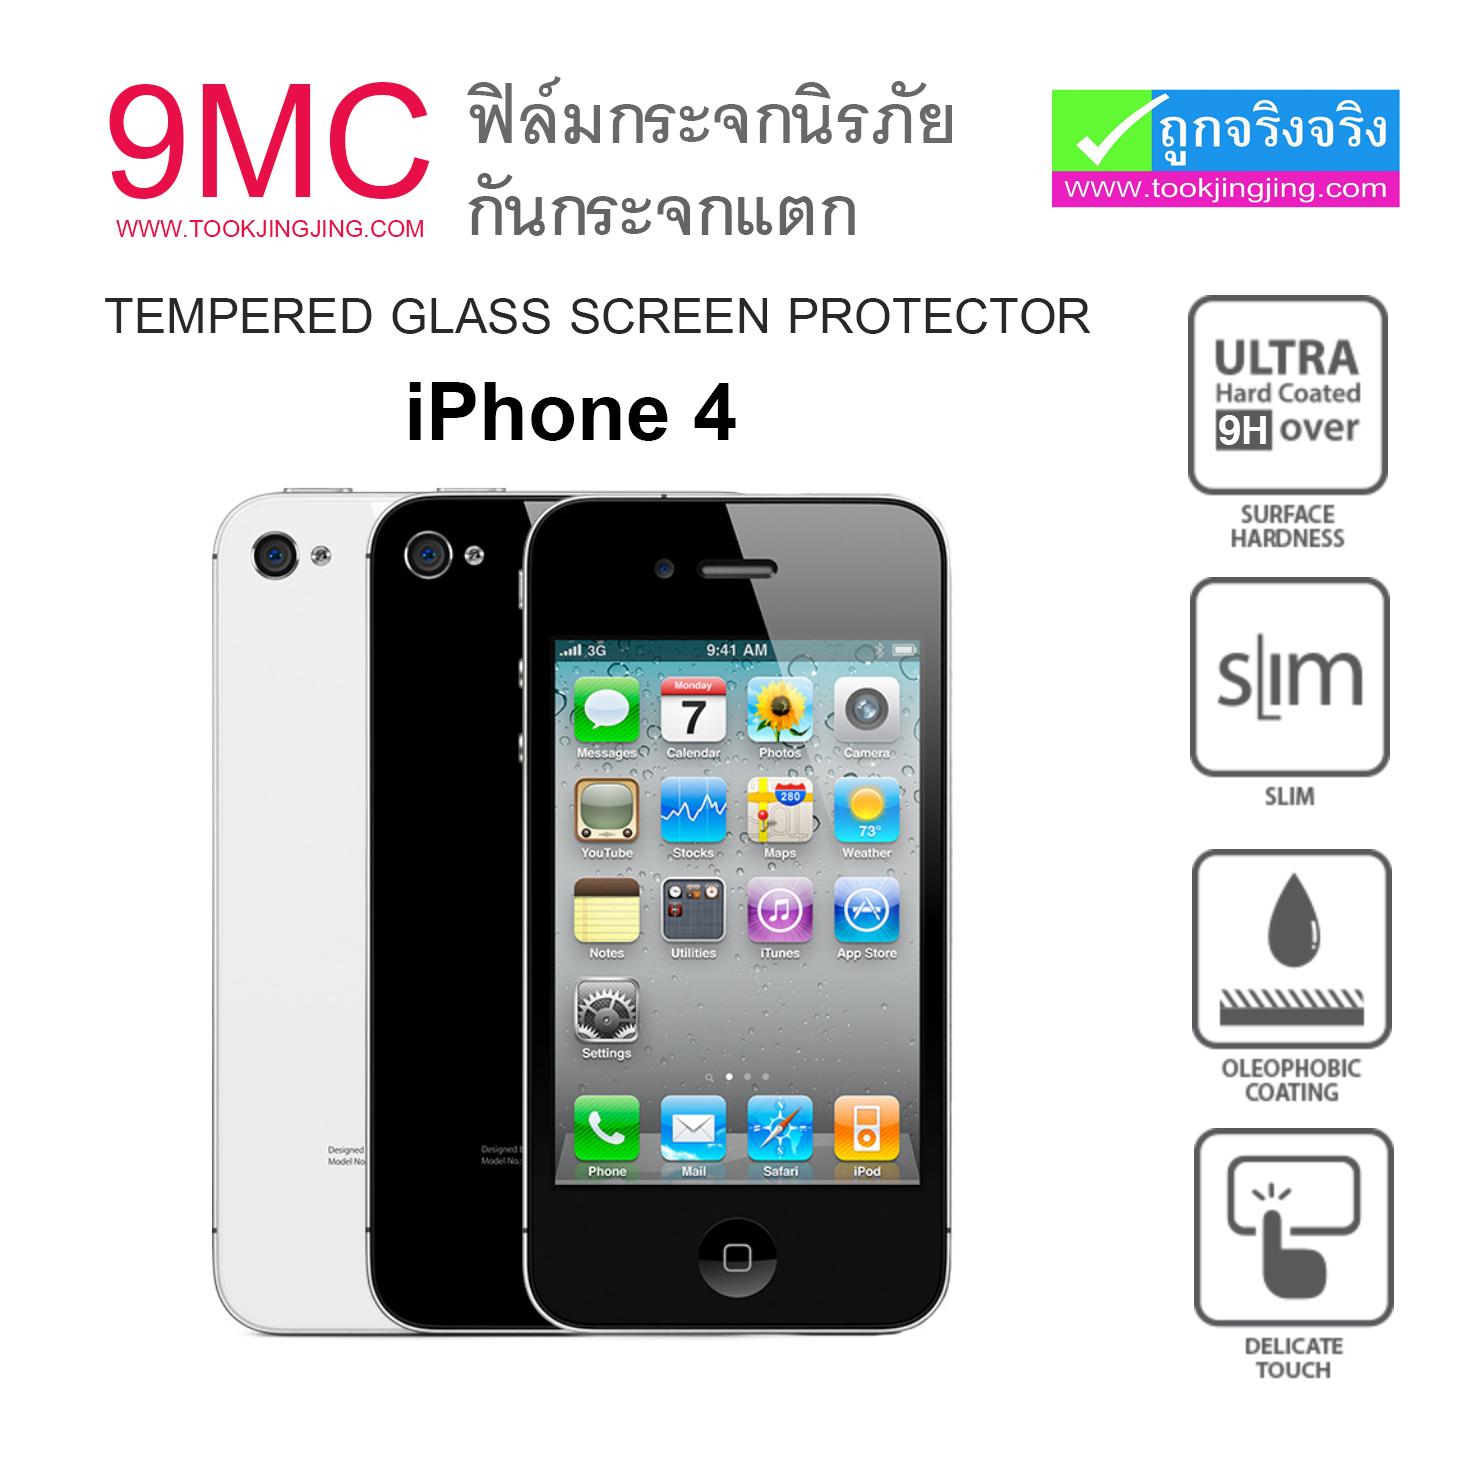 ฟิล์มกระจก iPhone 4/4S 9MC